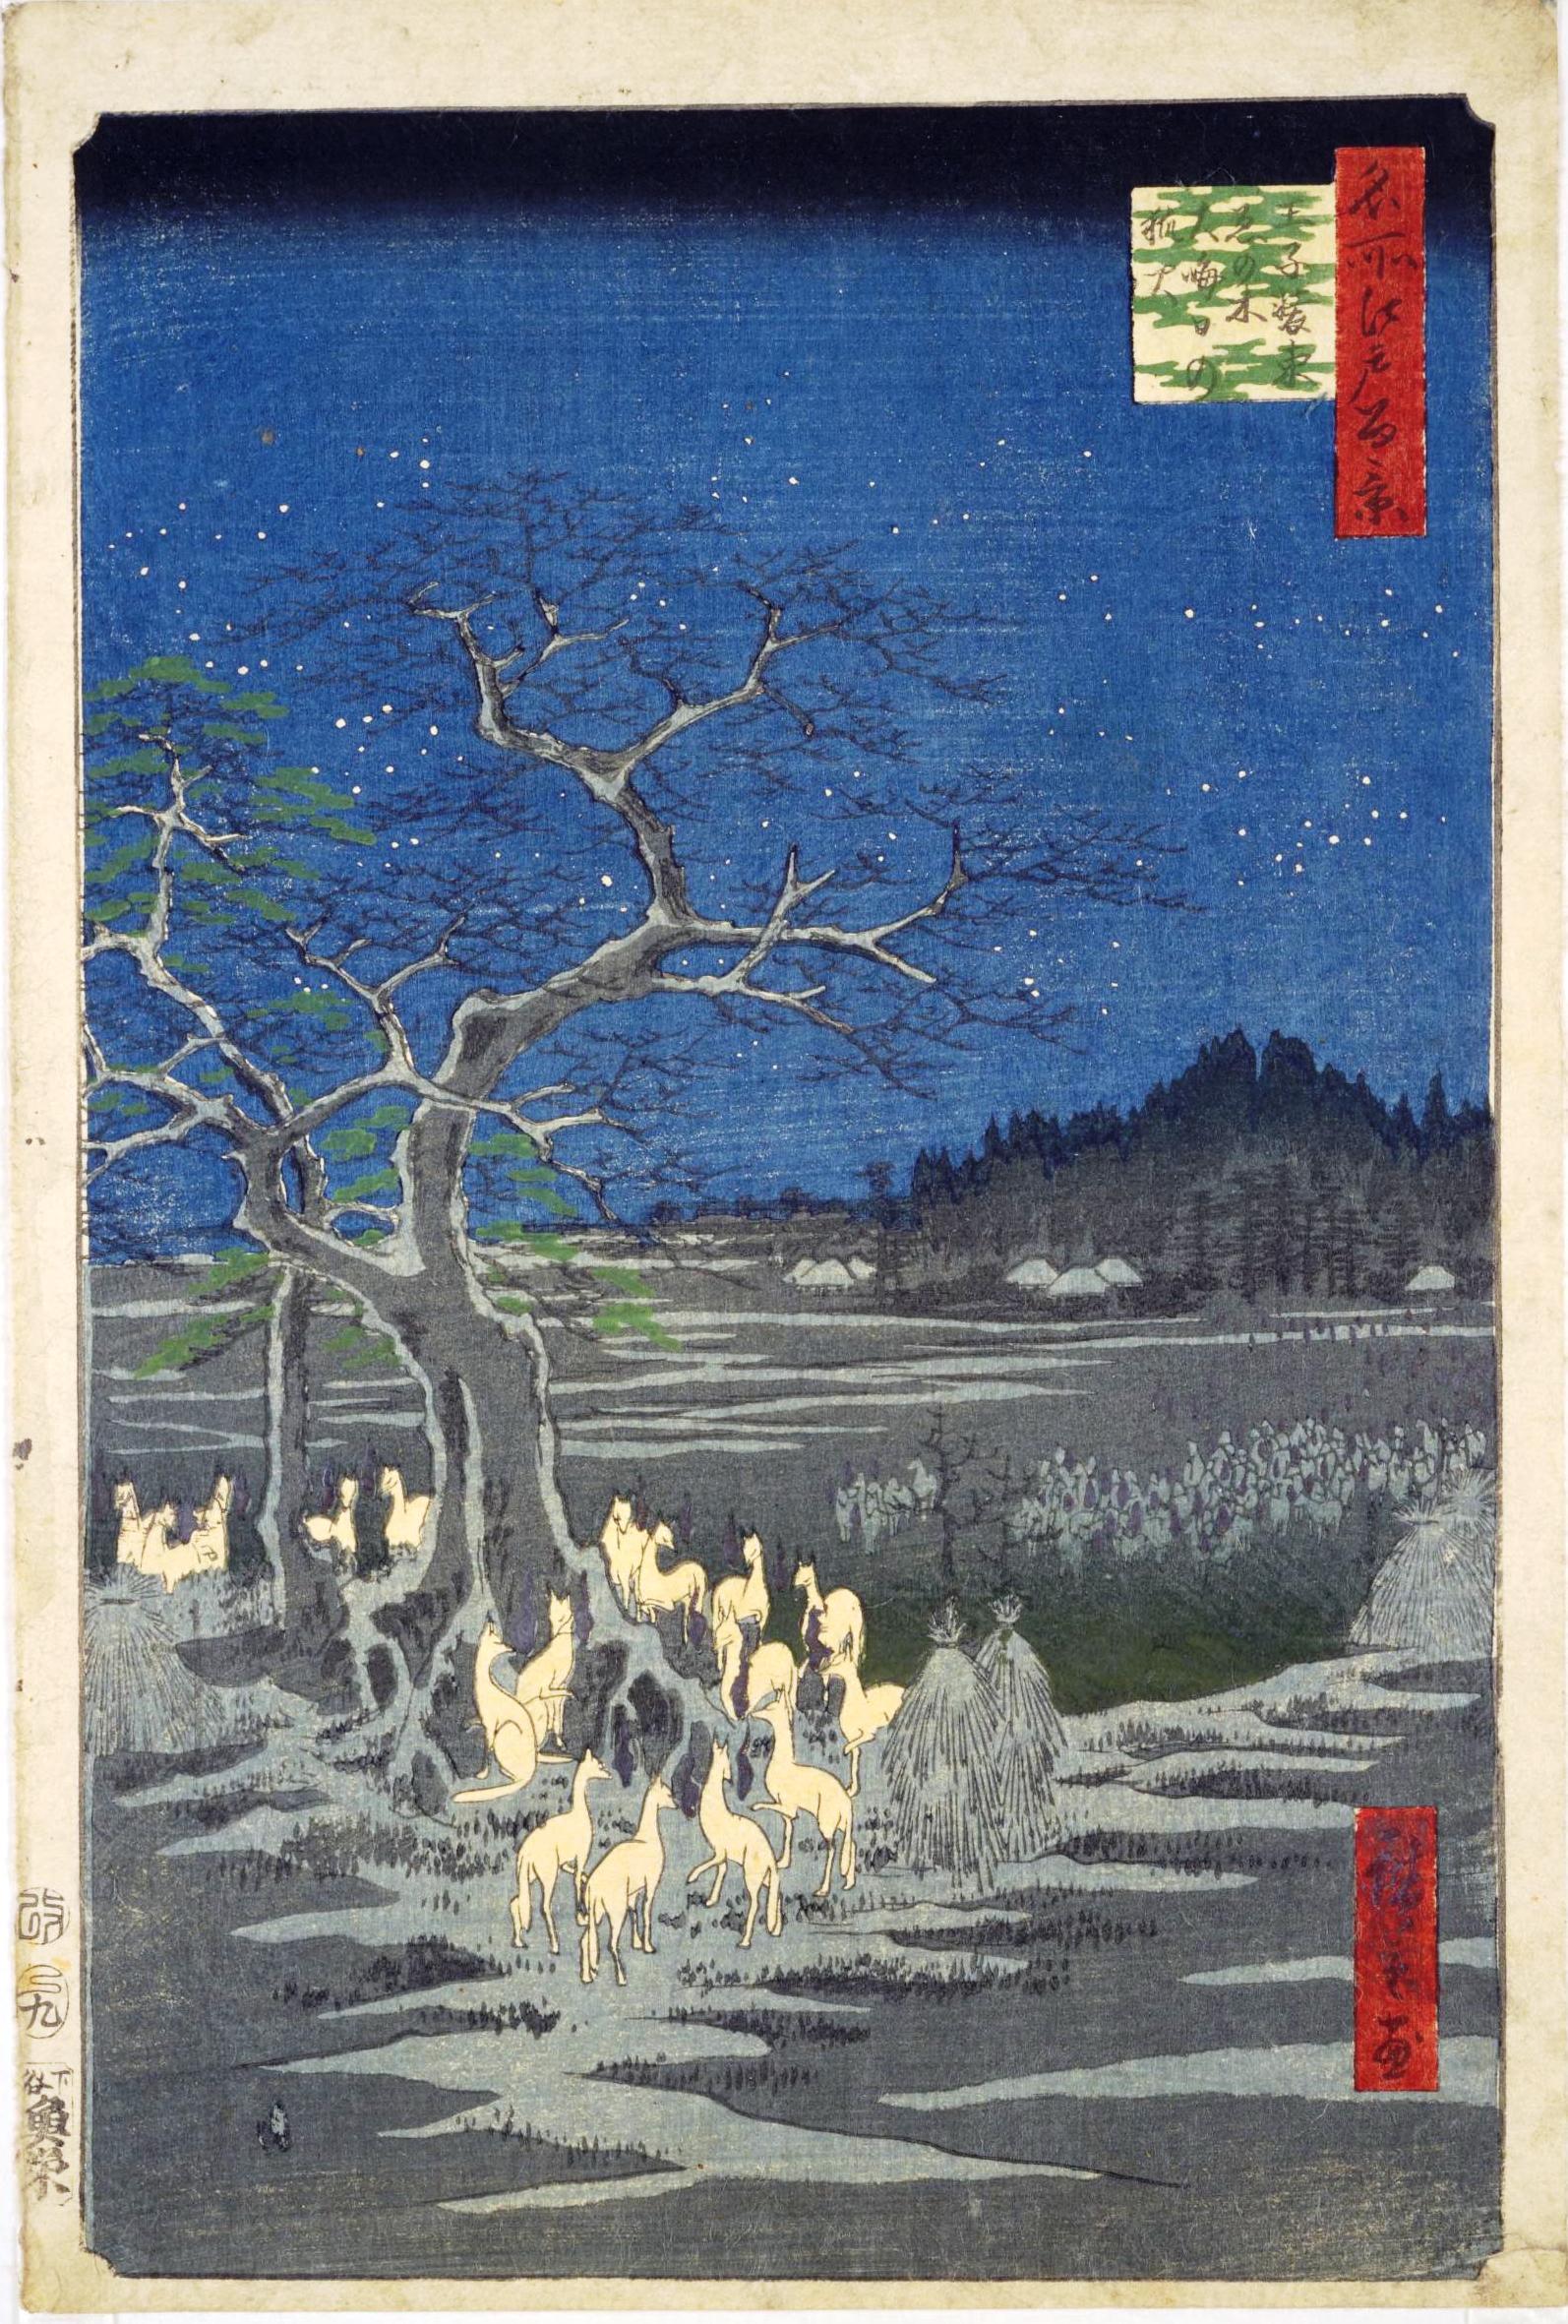 王子装束ゑの木 大晦日の狐火